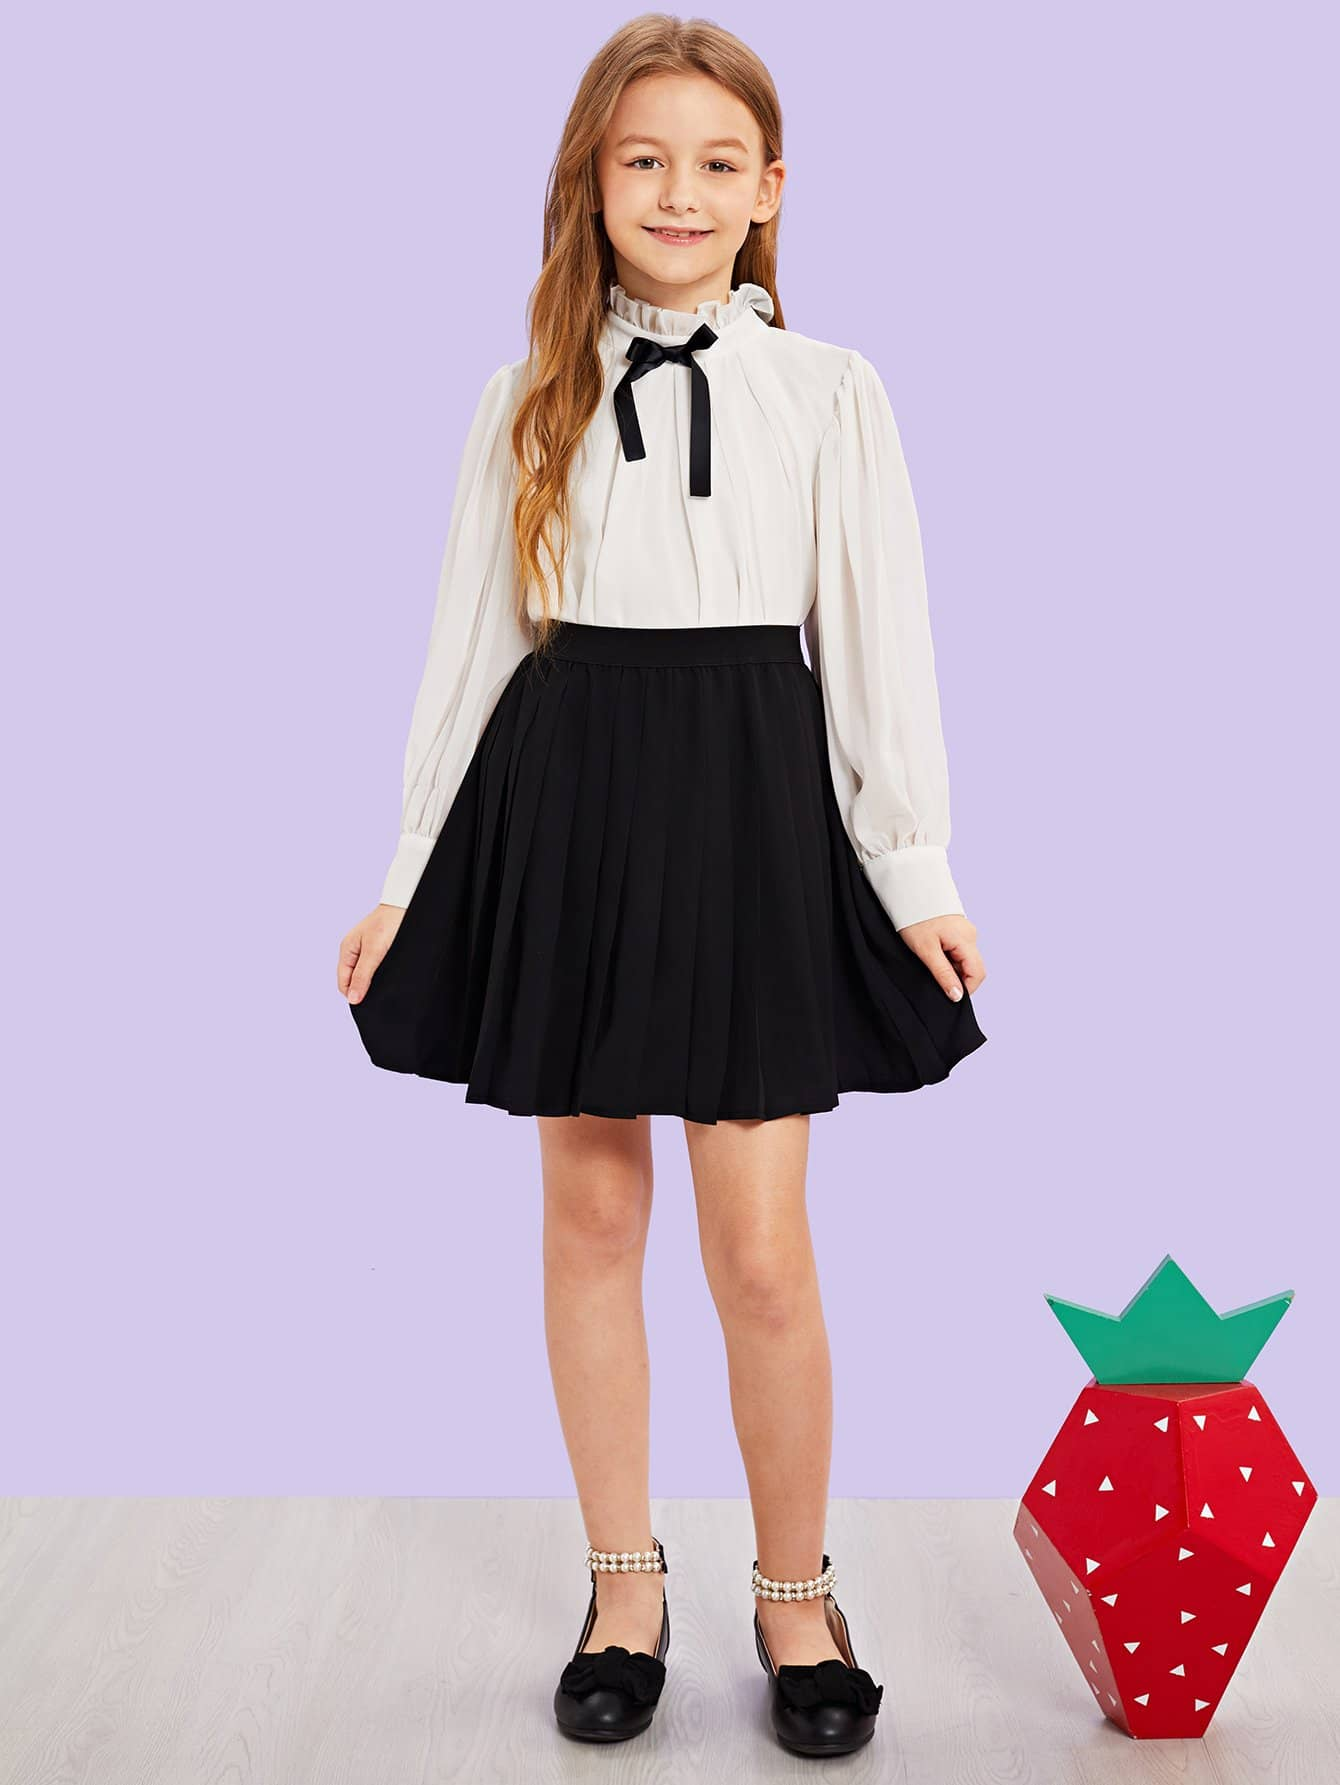 Купить Для девочек топ со складкой вырезом и юбка комплект, Sashab, SheIn